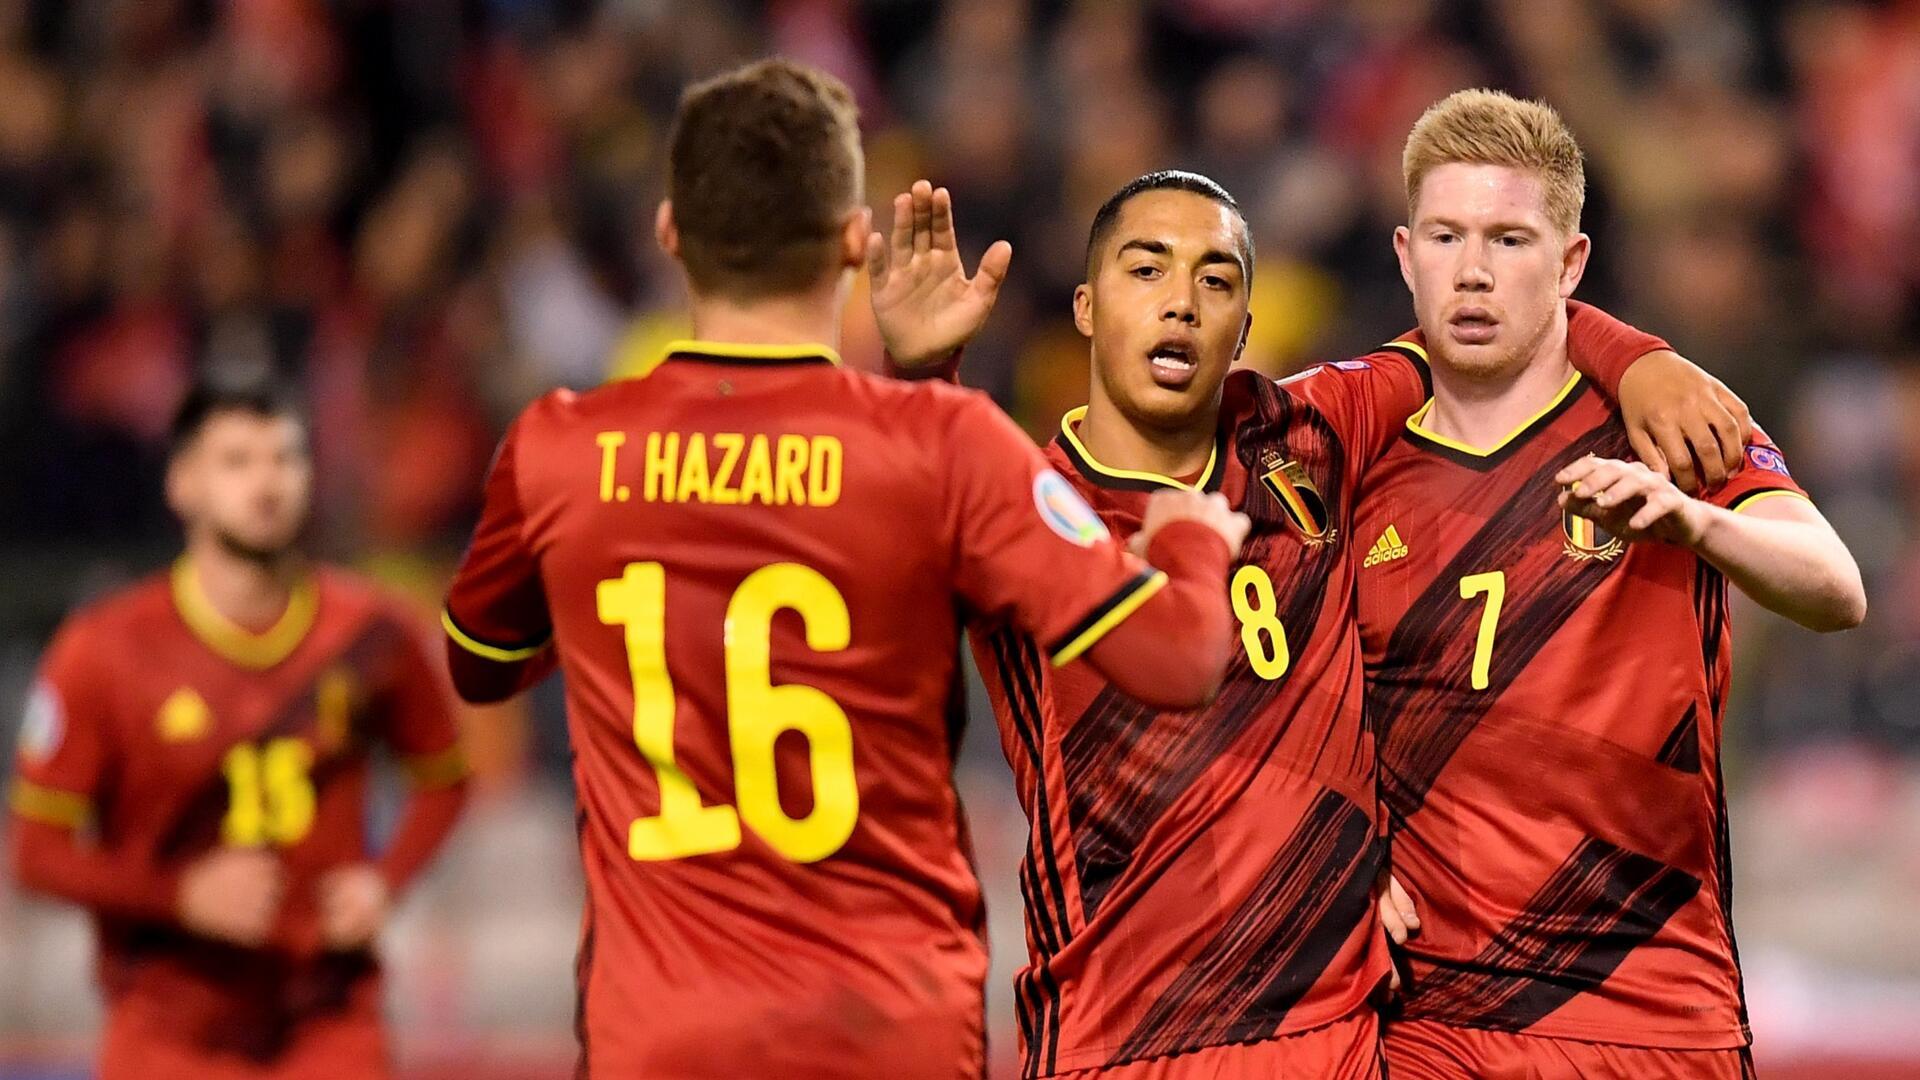 يورو 2020.. بلجيكا تحرج قبرص وتنهي مشوارها بالعلامة الكاملة (فيديو)